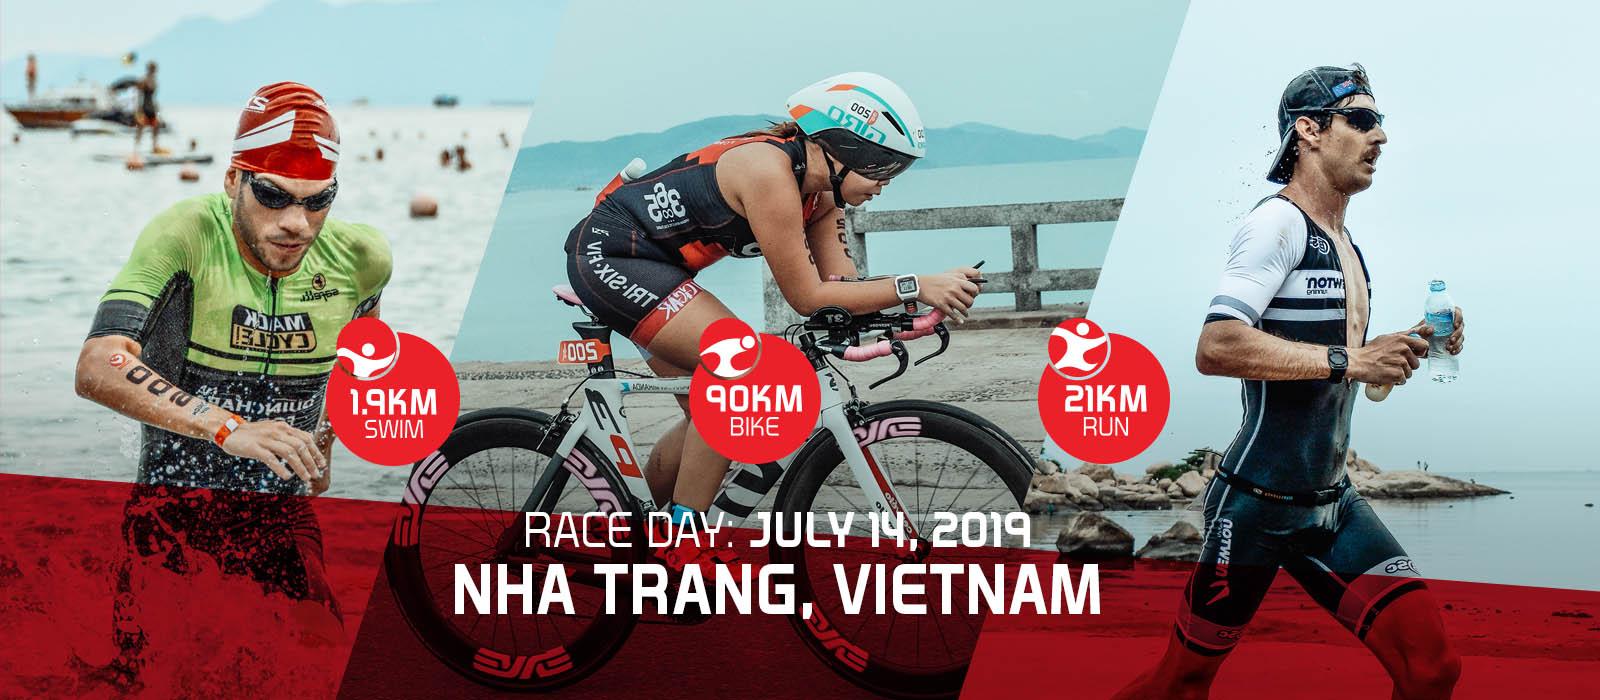 IPPGroup Challenge Vietnam 2019 Triathlon - 2nd Edition